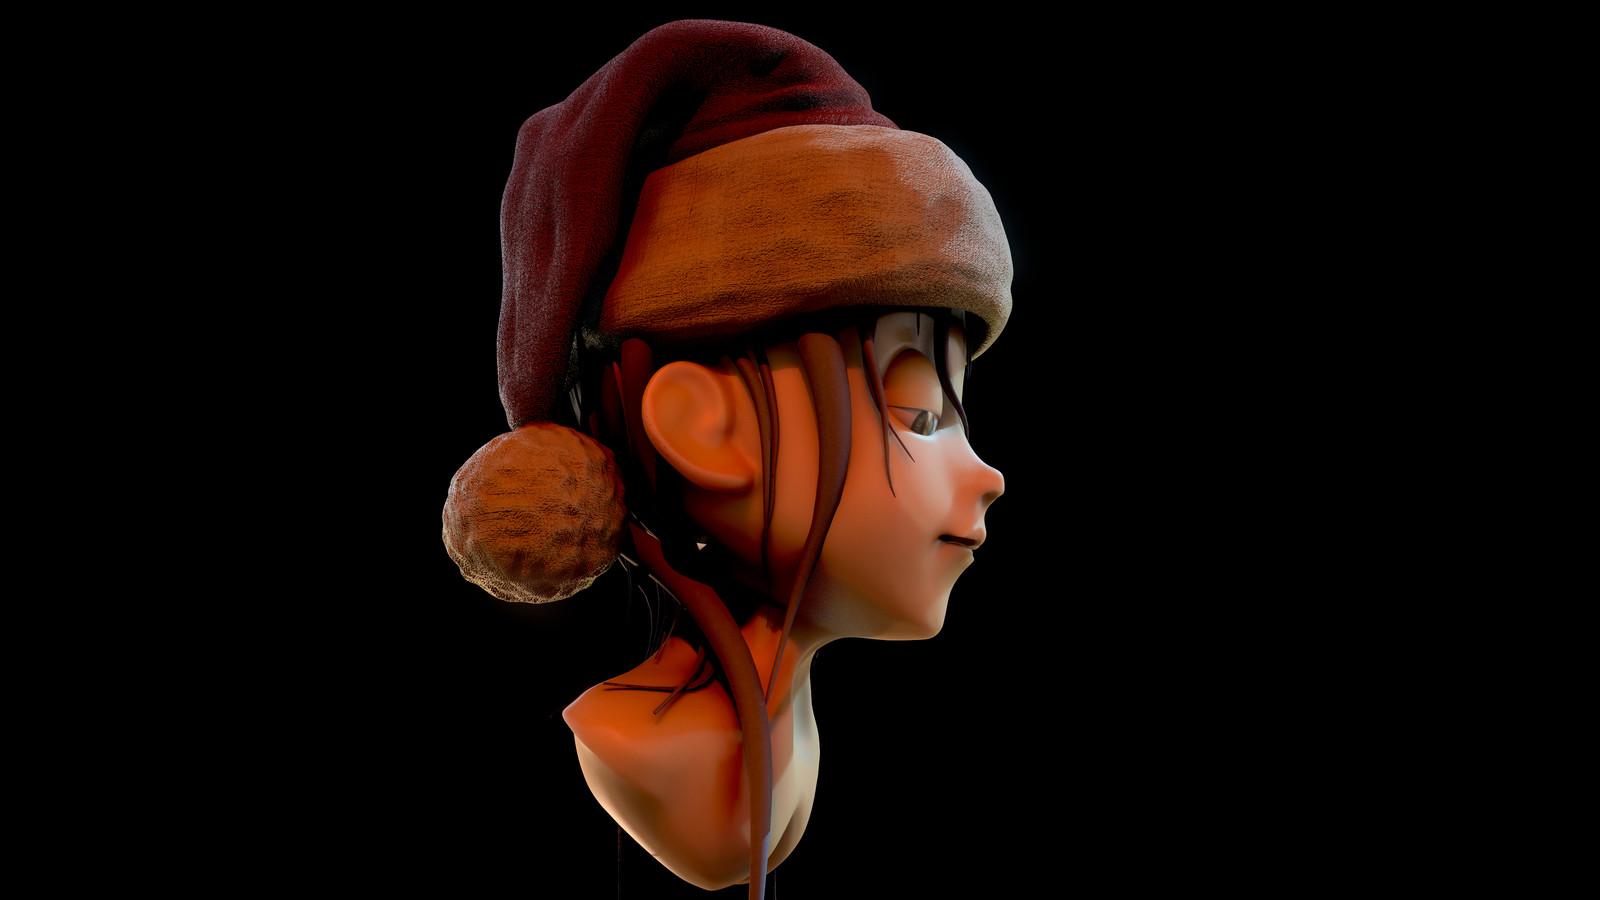 Santa Zbrush